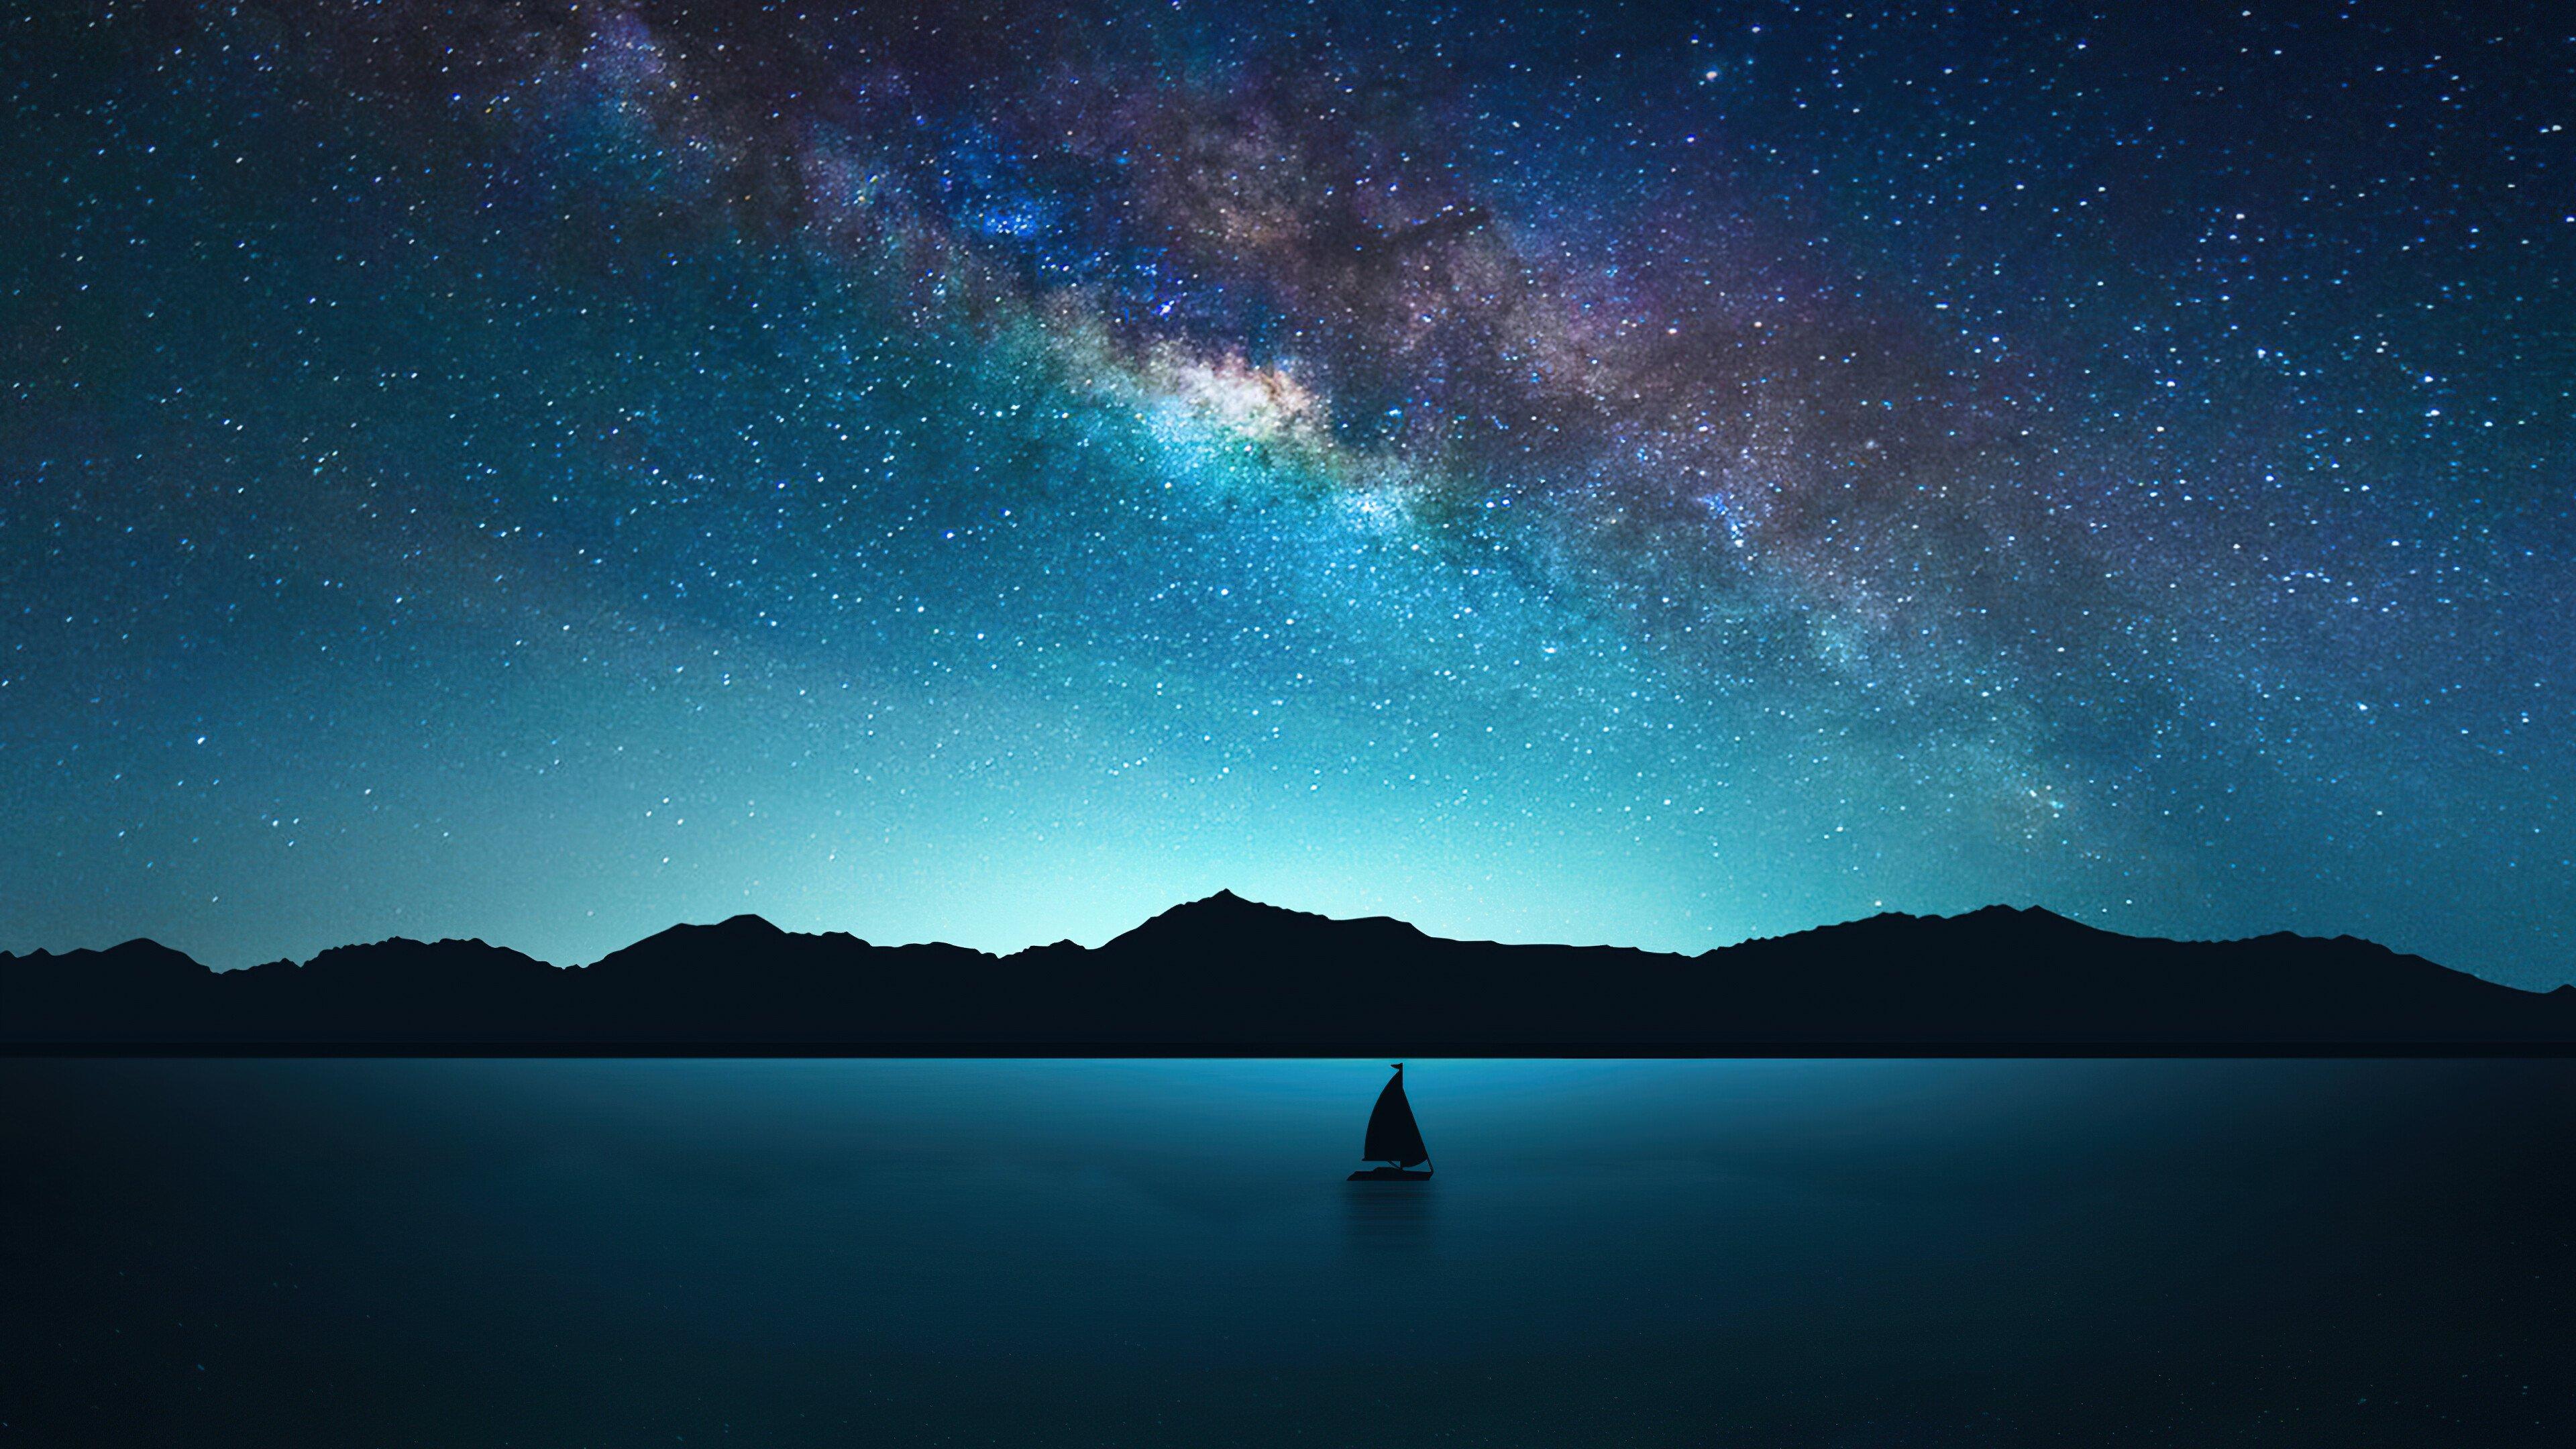 Fondos de pantalla Noche con estrellas